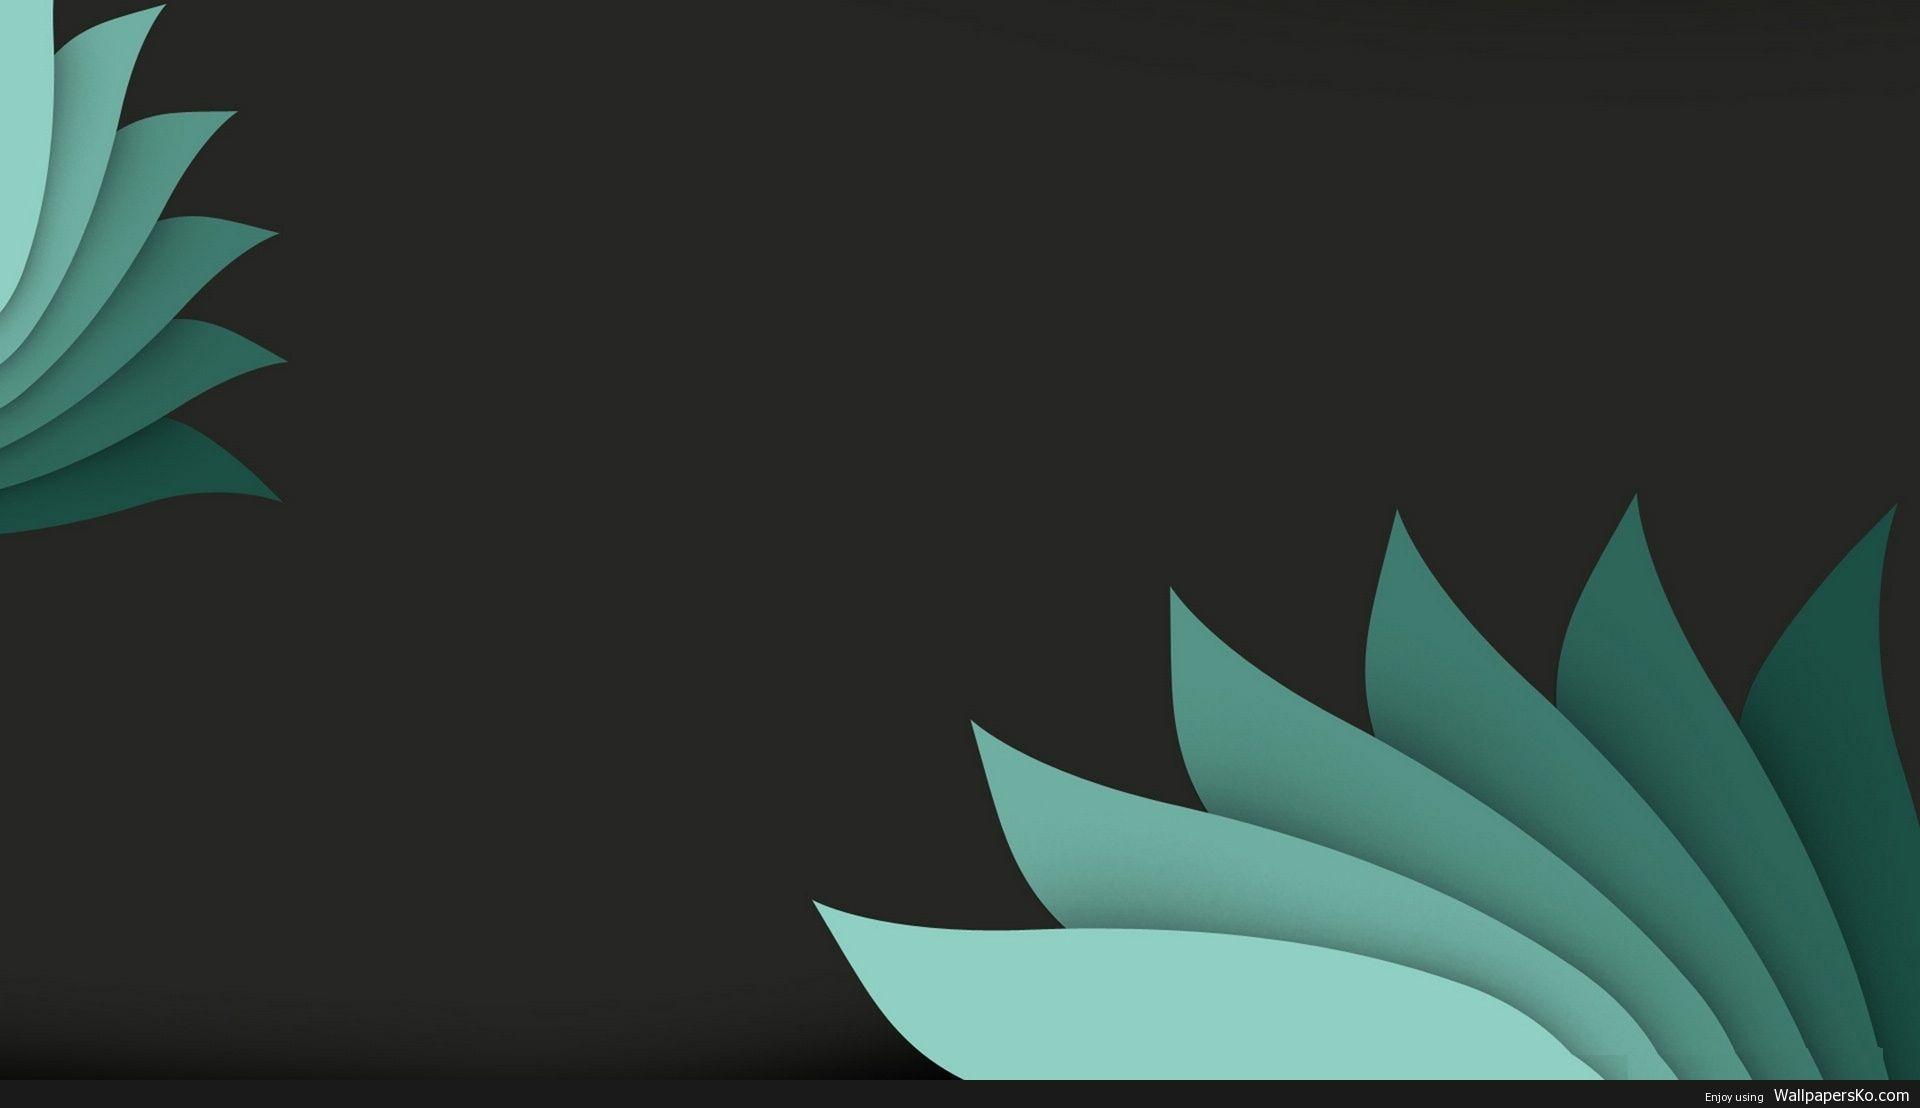 Minimalist Design Hd Wallpapers Top Free Minimalist Design